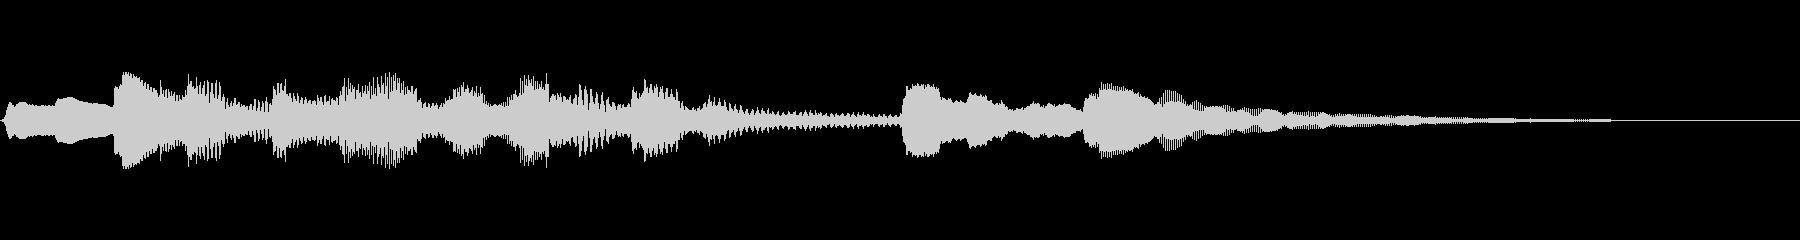 ほのぼのとしたの未再生の波形